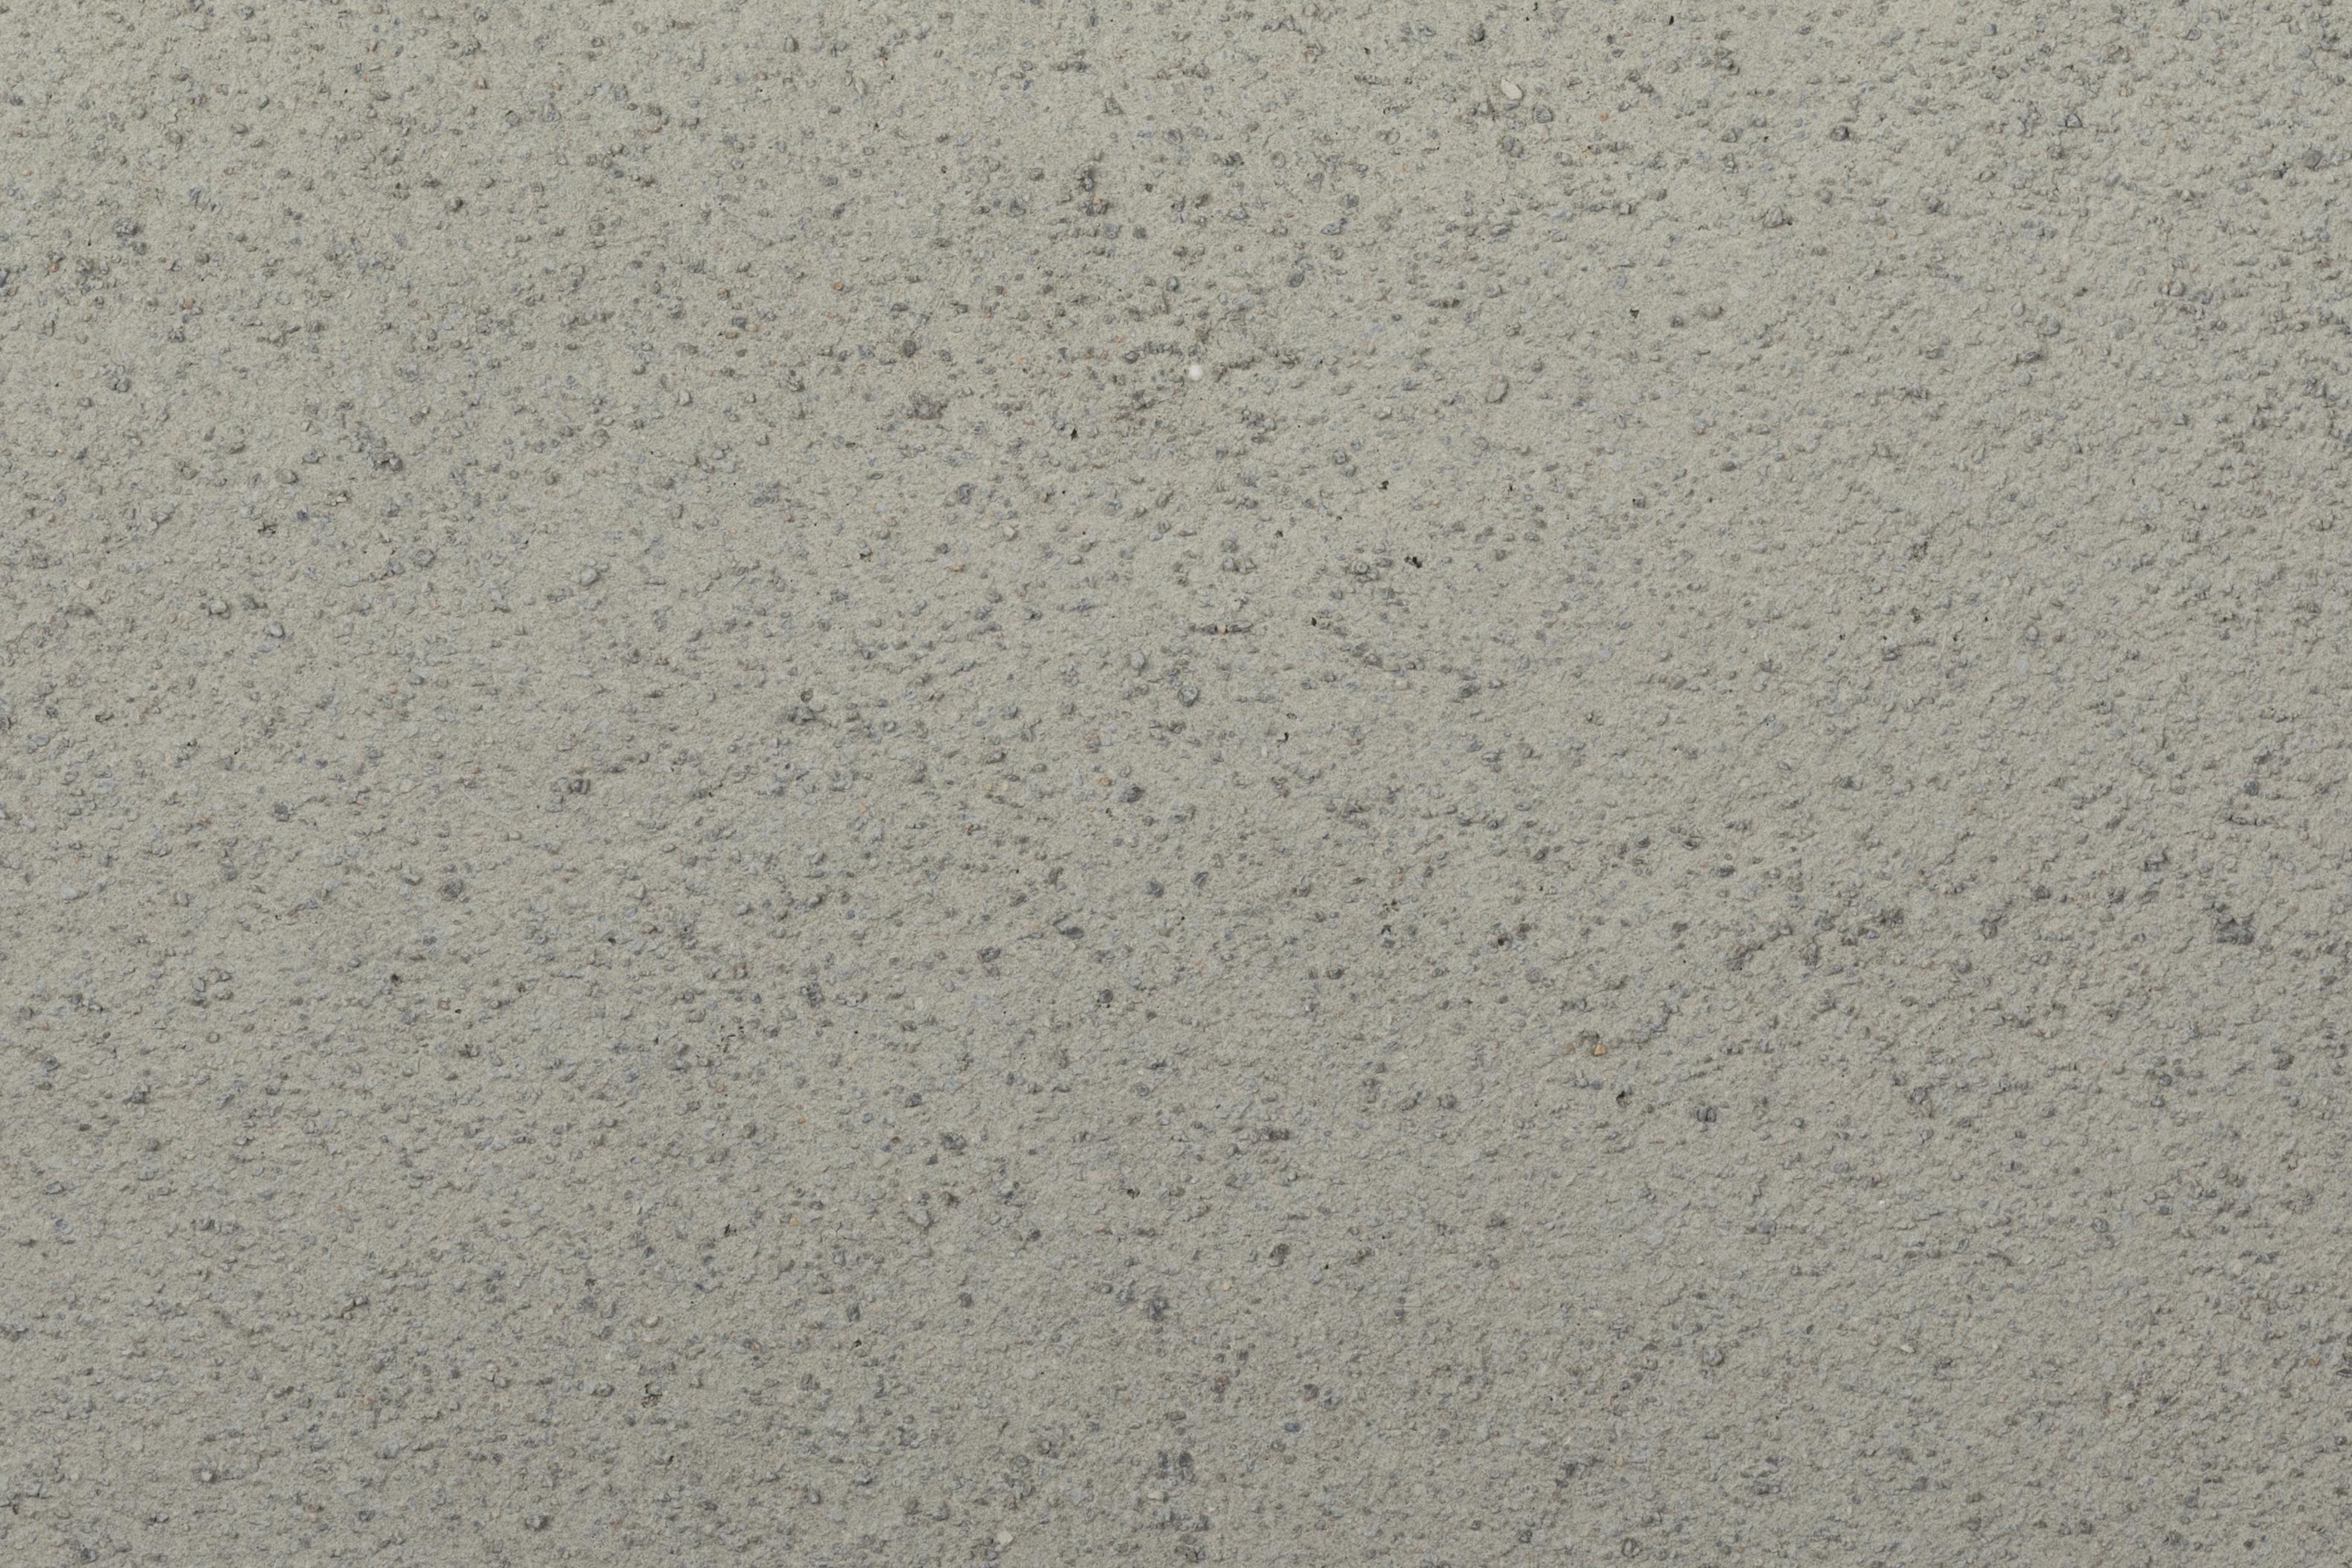 alle artikel : op 23 kalk-zement-putz